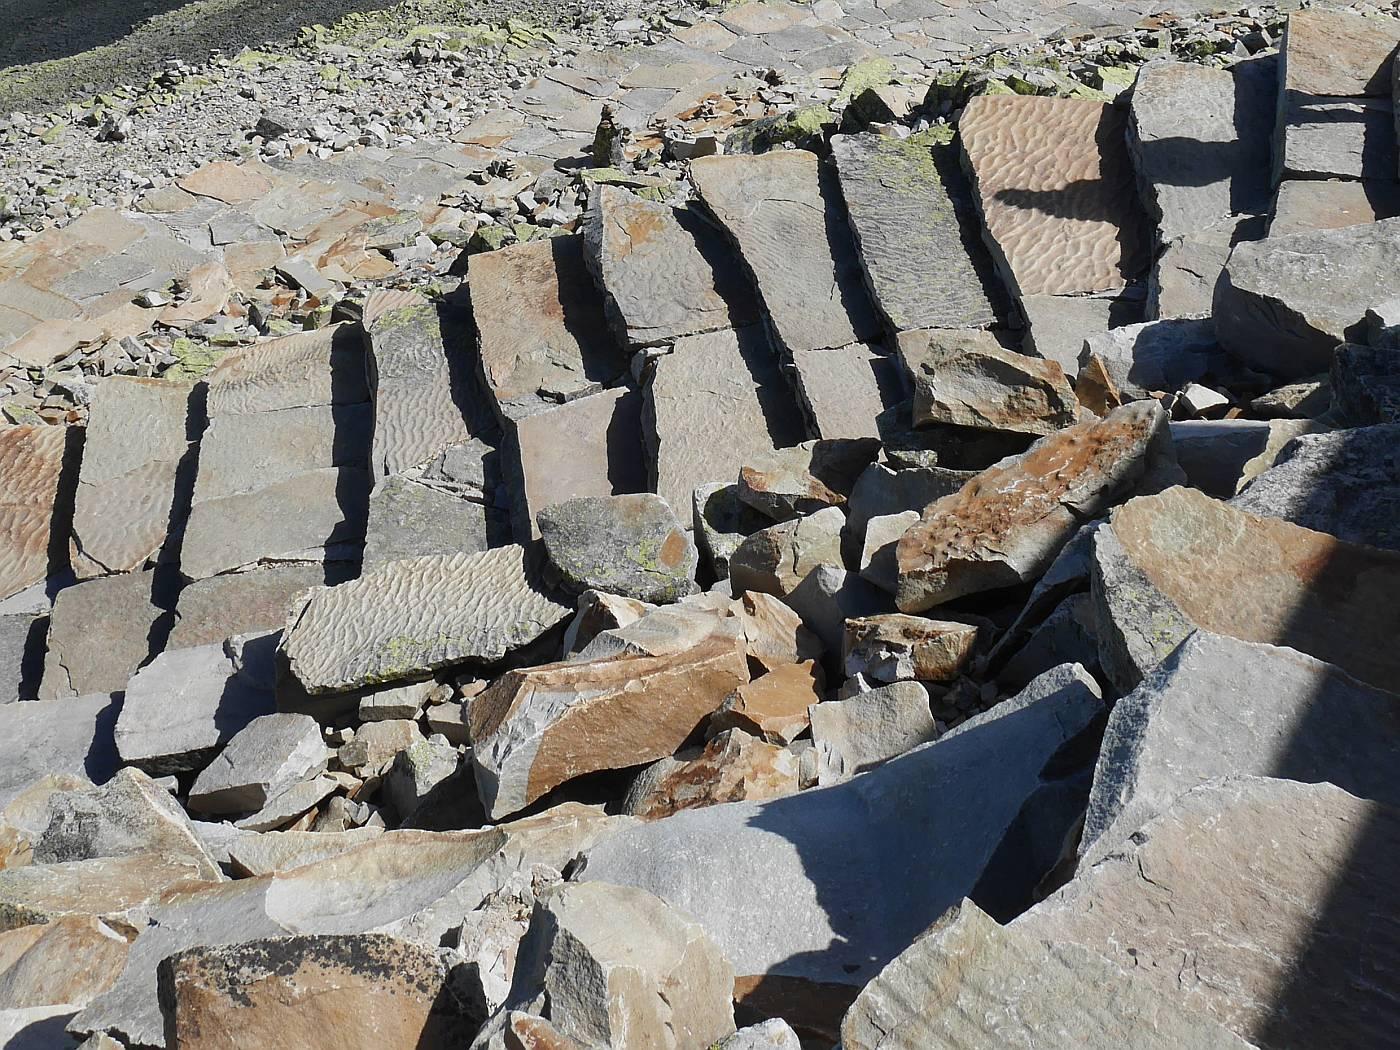 """Blick auf die """"Sherpatreppe"""" an der Hütte beim Rückweg, auf den Platten sind die Wellenmuster in den Sedimenten sichtbar"""